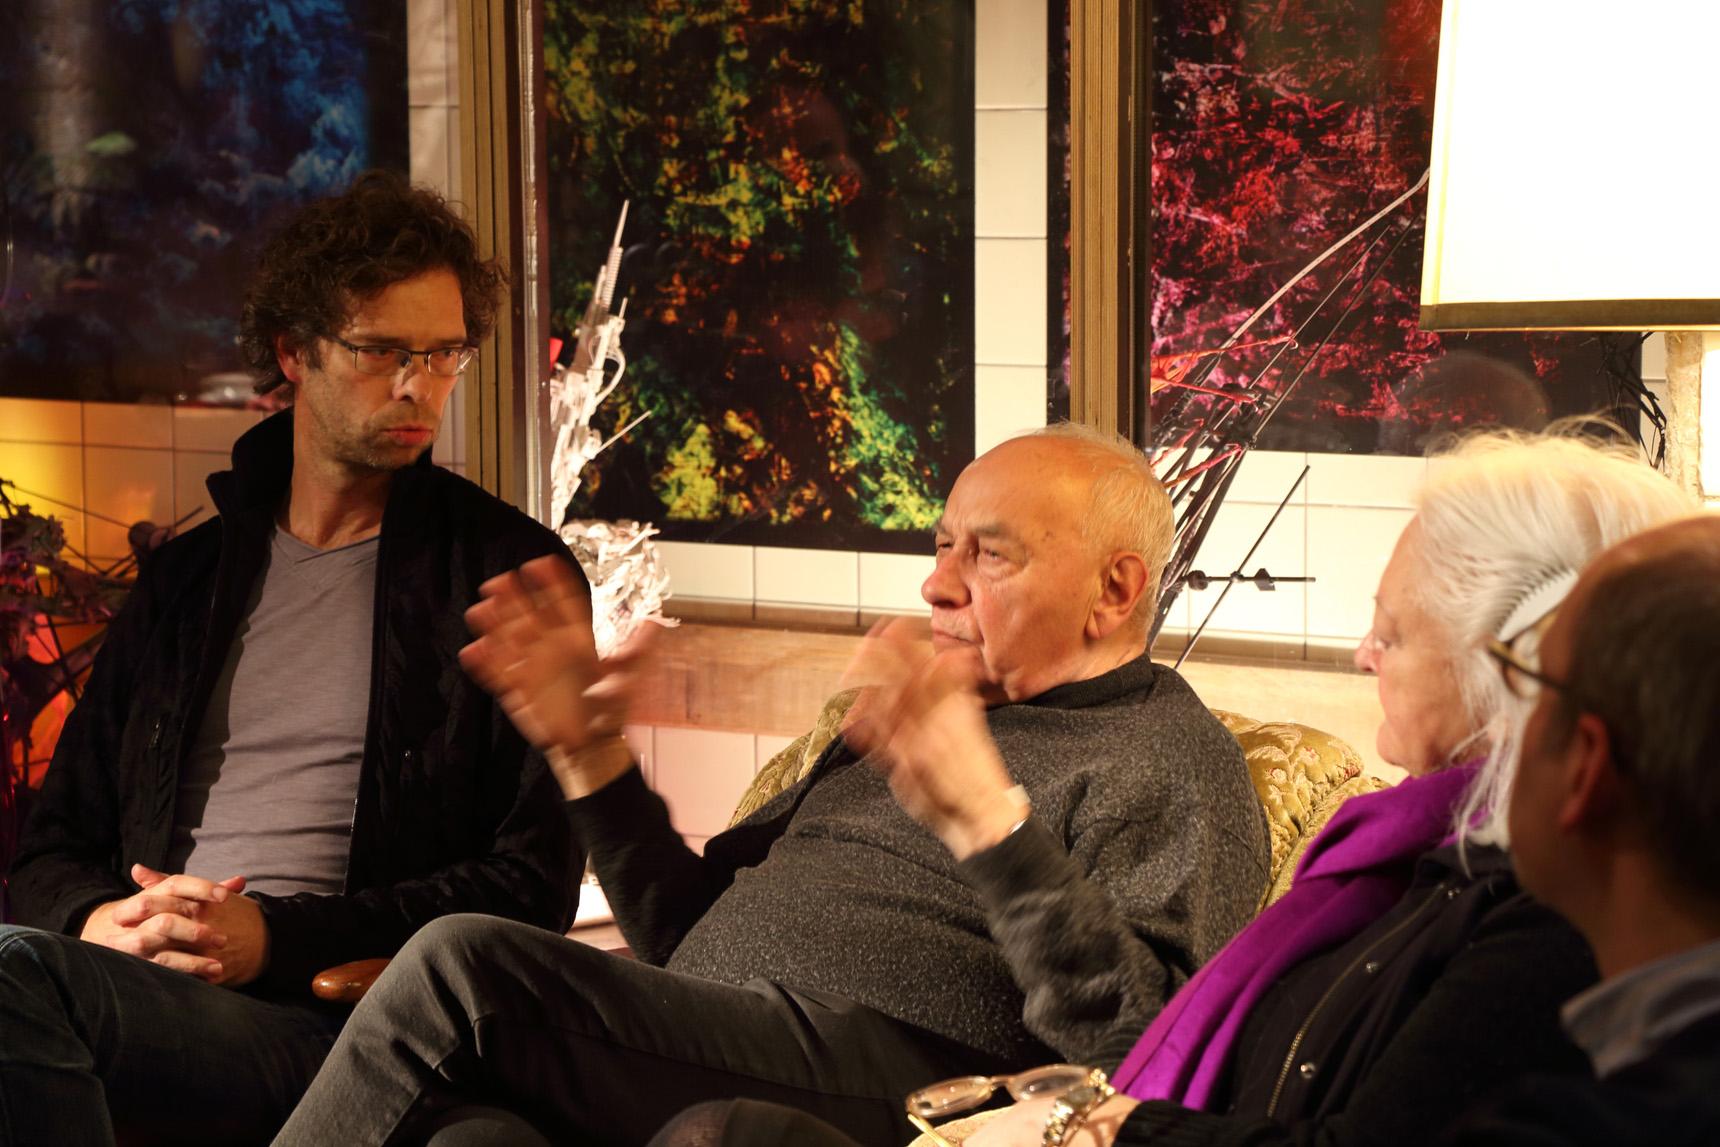 Clemens Schedler und Eugen Gomringer in intensiver Diskussion